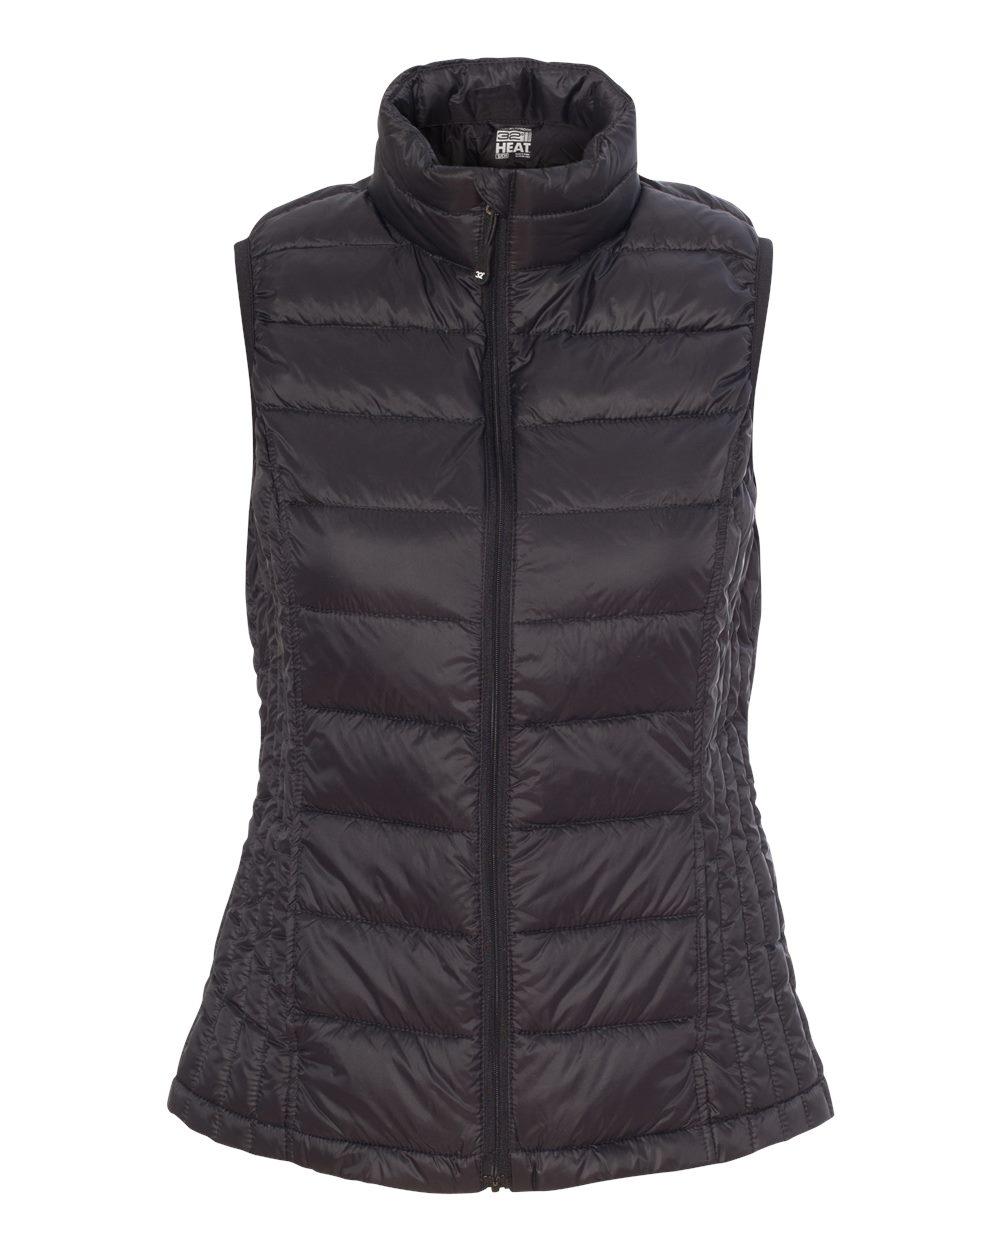 32 Degrees Women's Packable Down Vest